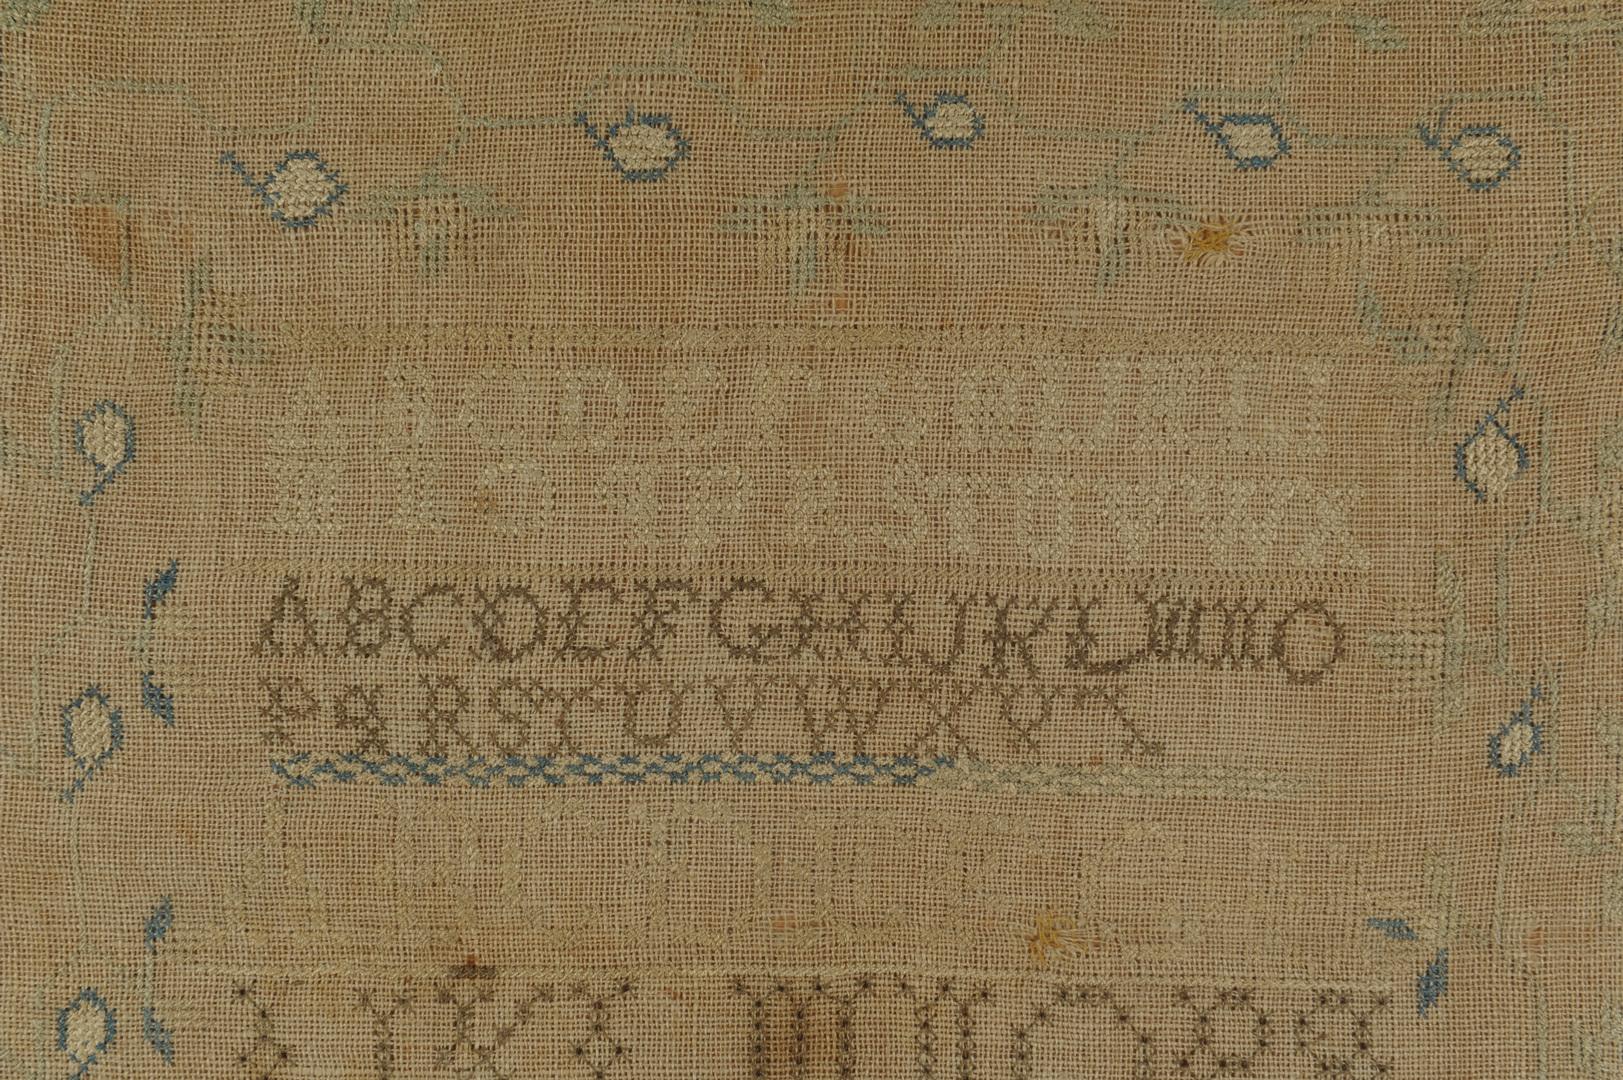 Lot 142: Sarah Brevard Donoho needlework sampler and photos